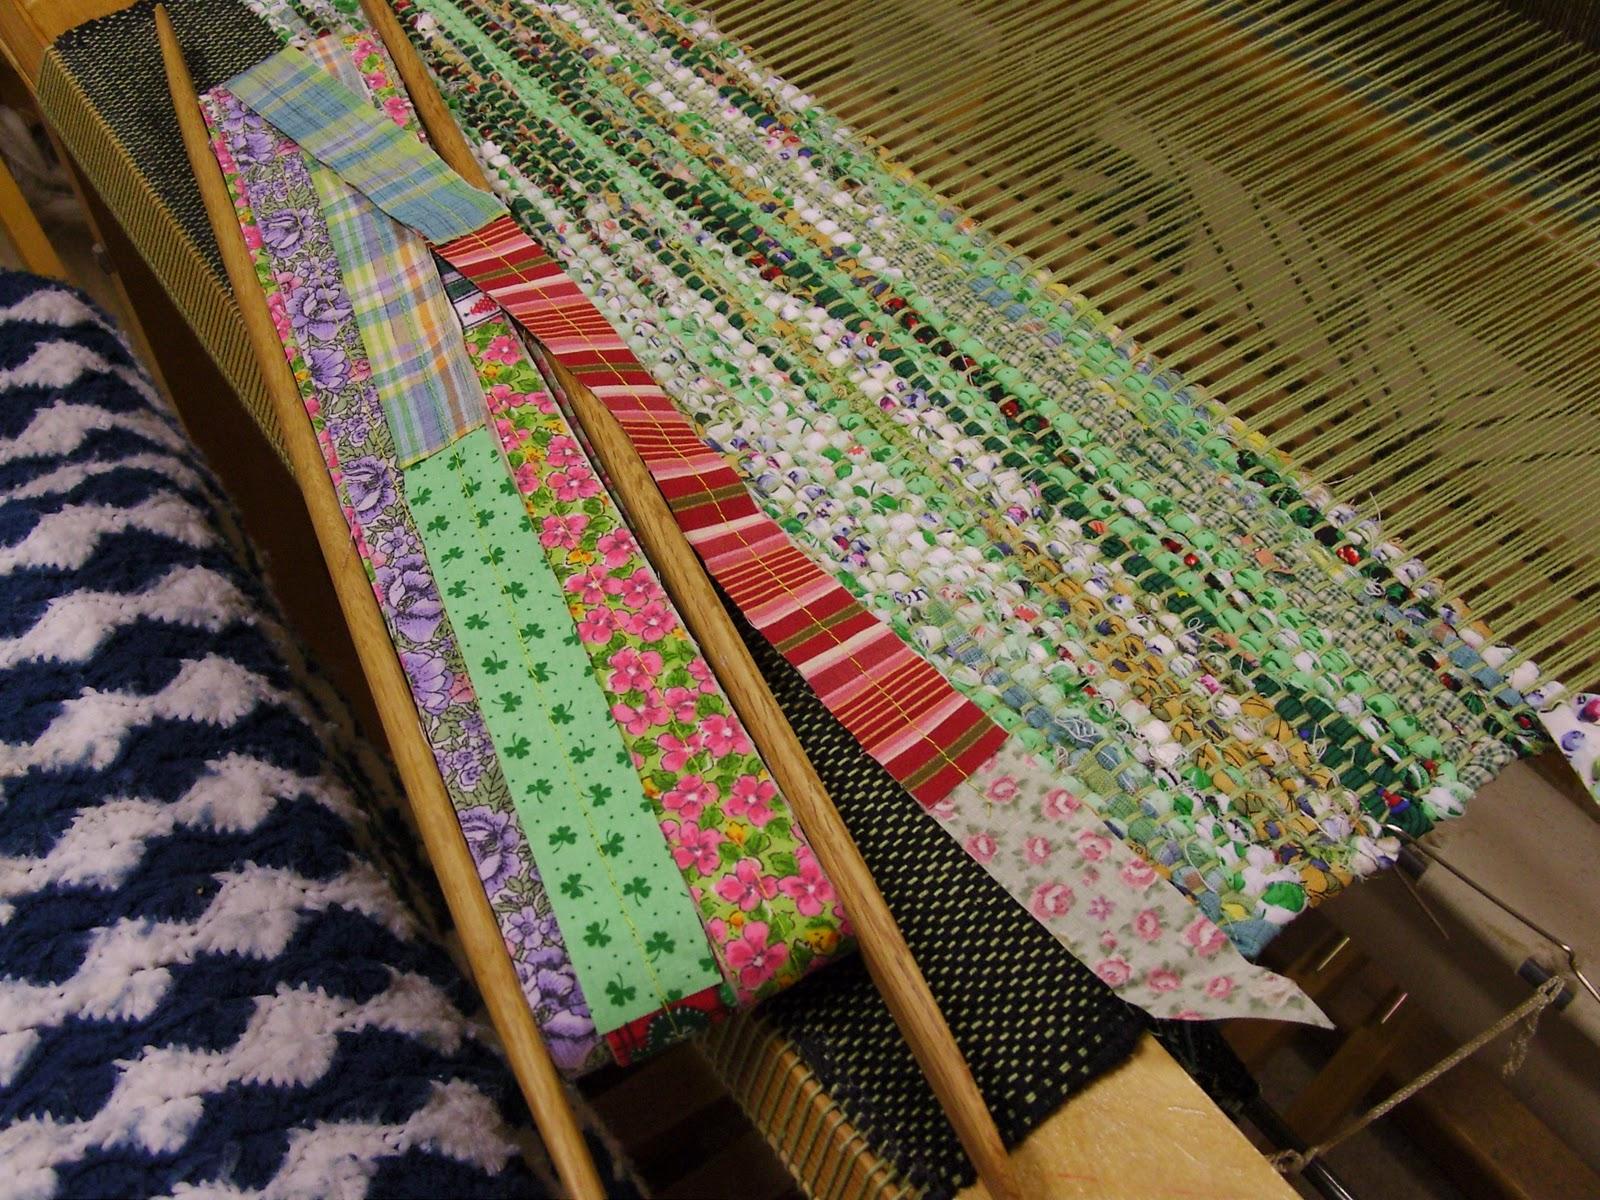 Daisy Hill Weaving Studio February 2011